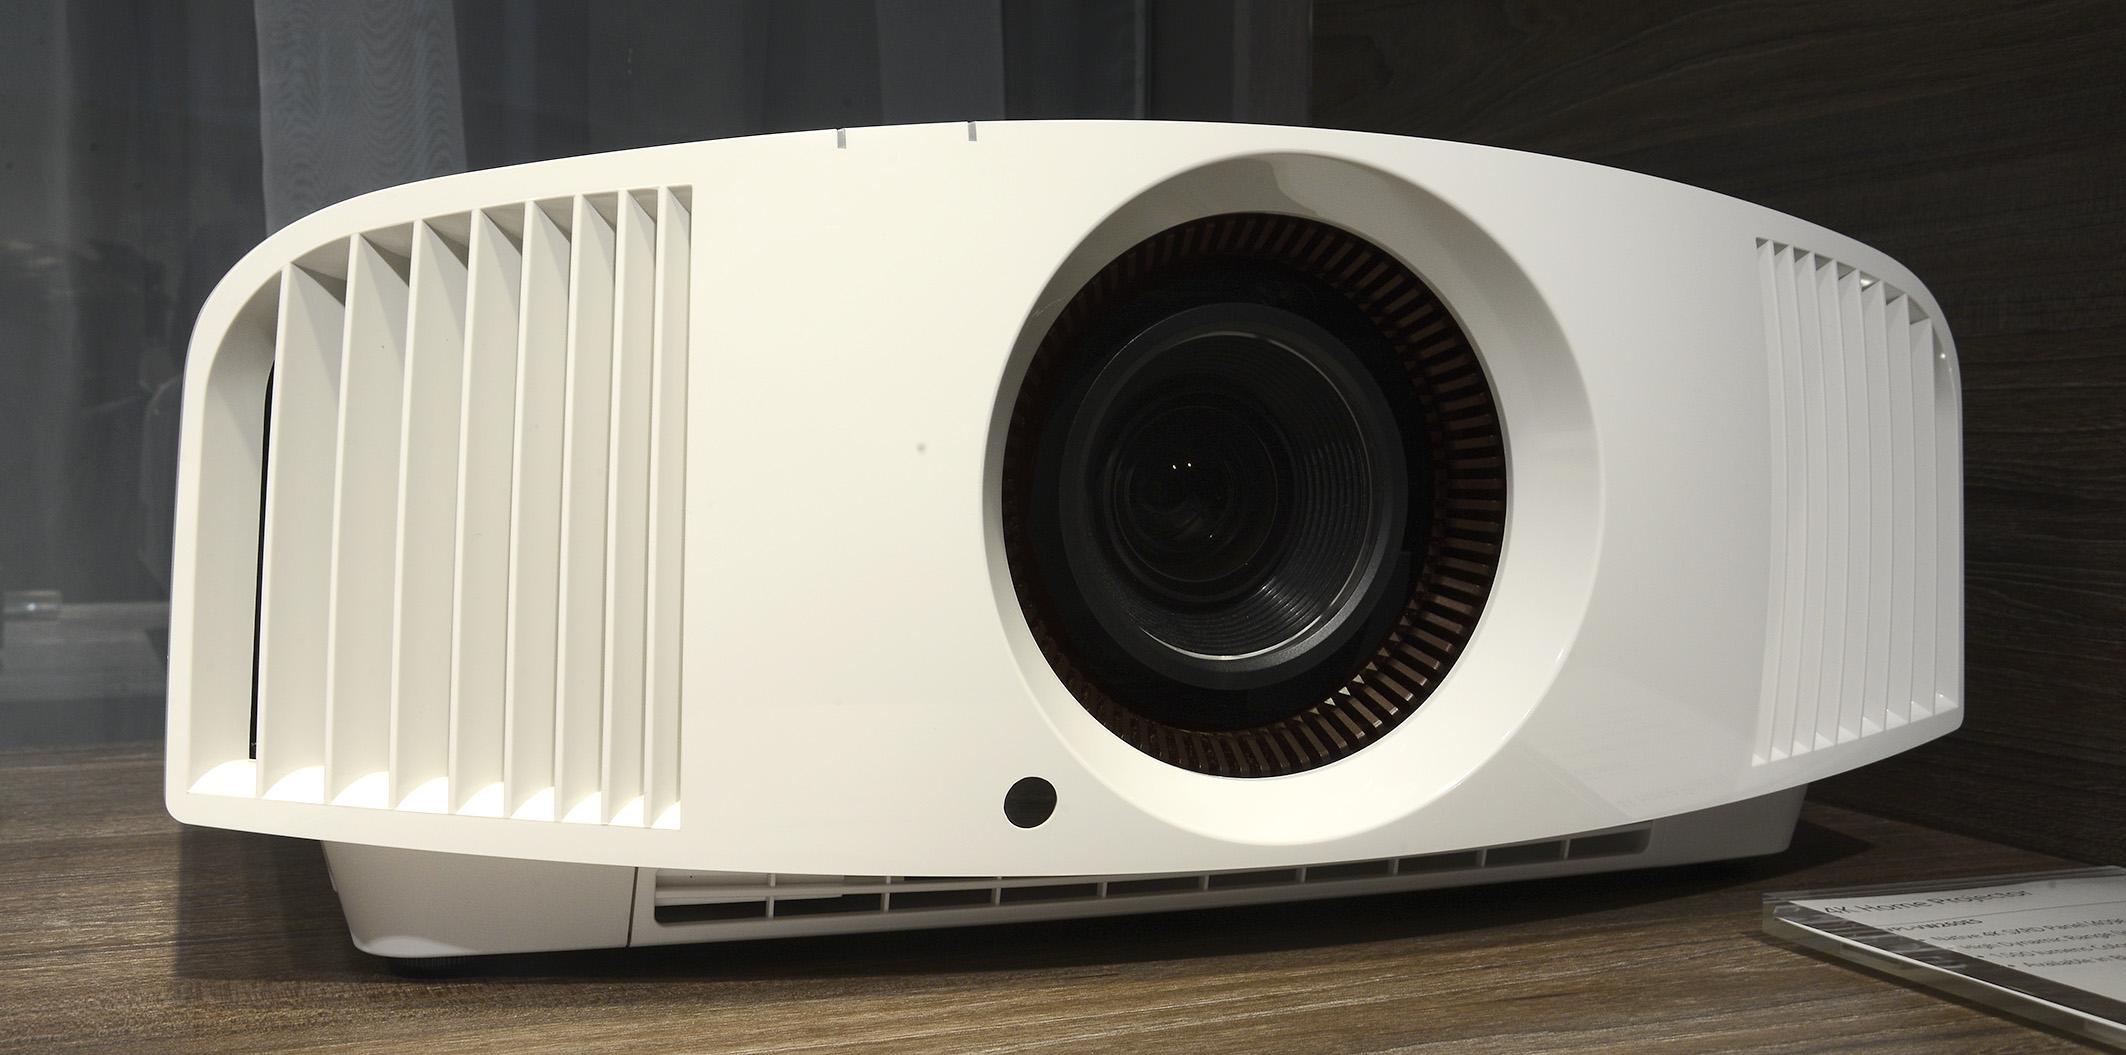 Foto: Michael B. Rehders Das erste Foto von einem echten 4K-Projektor unter 5000,- Euro. Der Sony VPL-VW260ES.